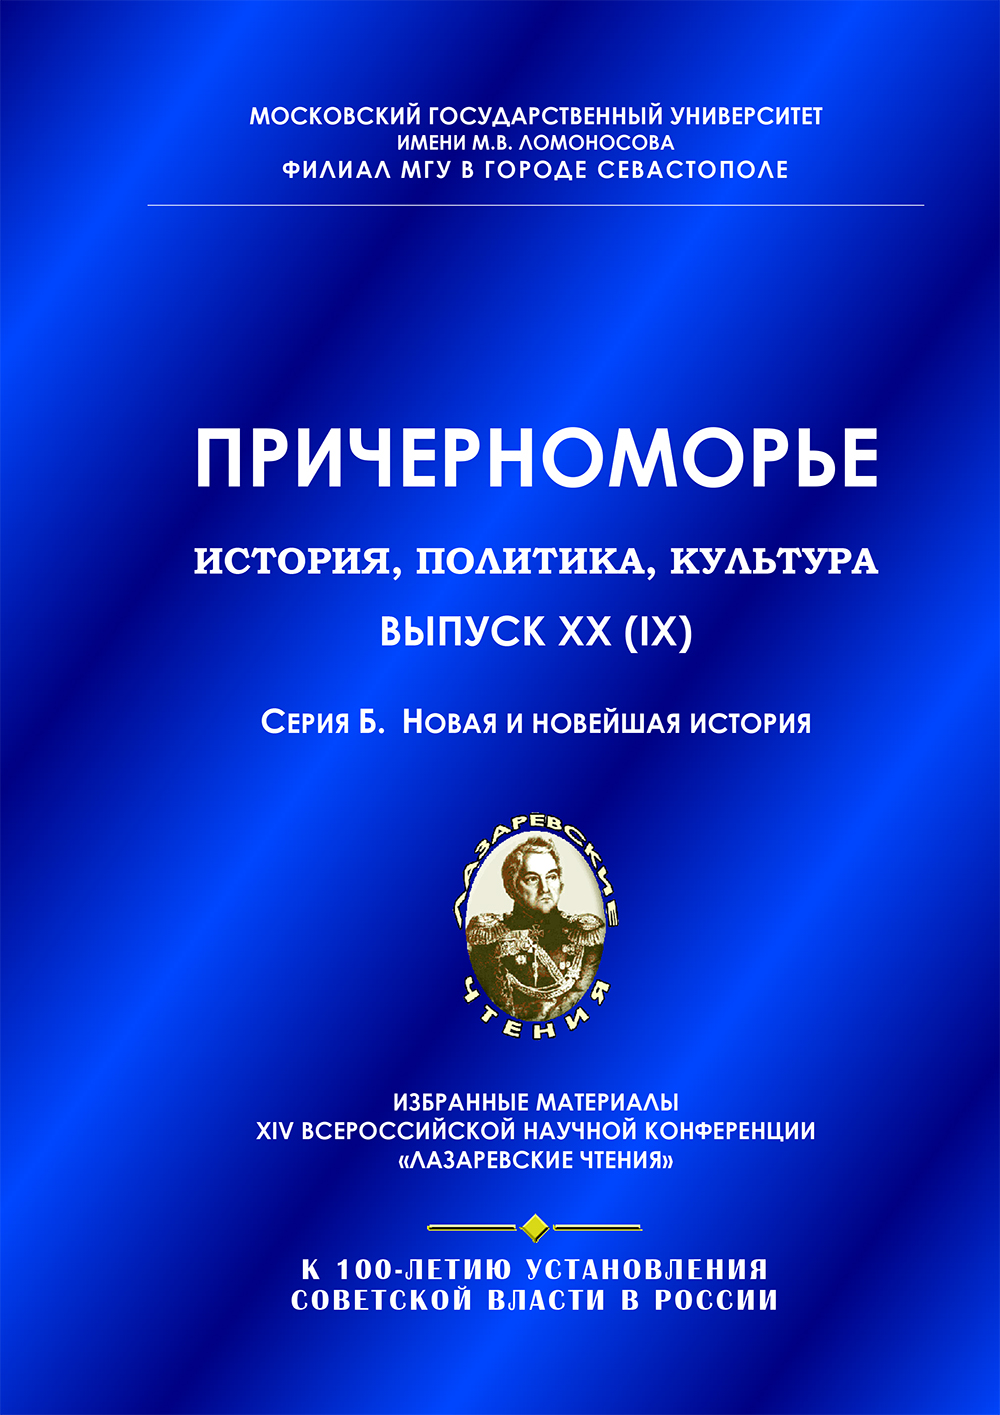 sbornik-2017-seriya-b-full-1